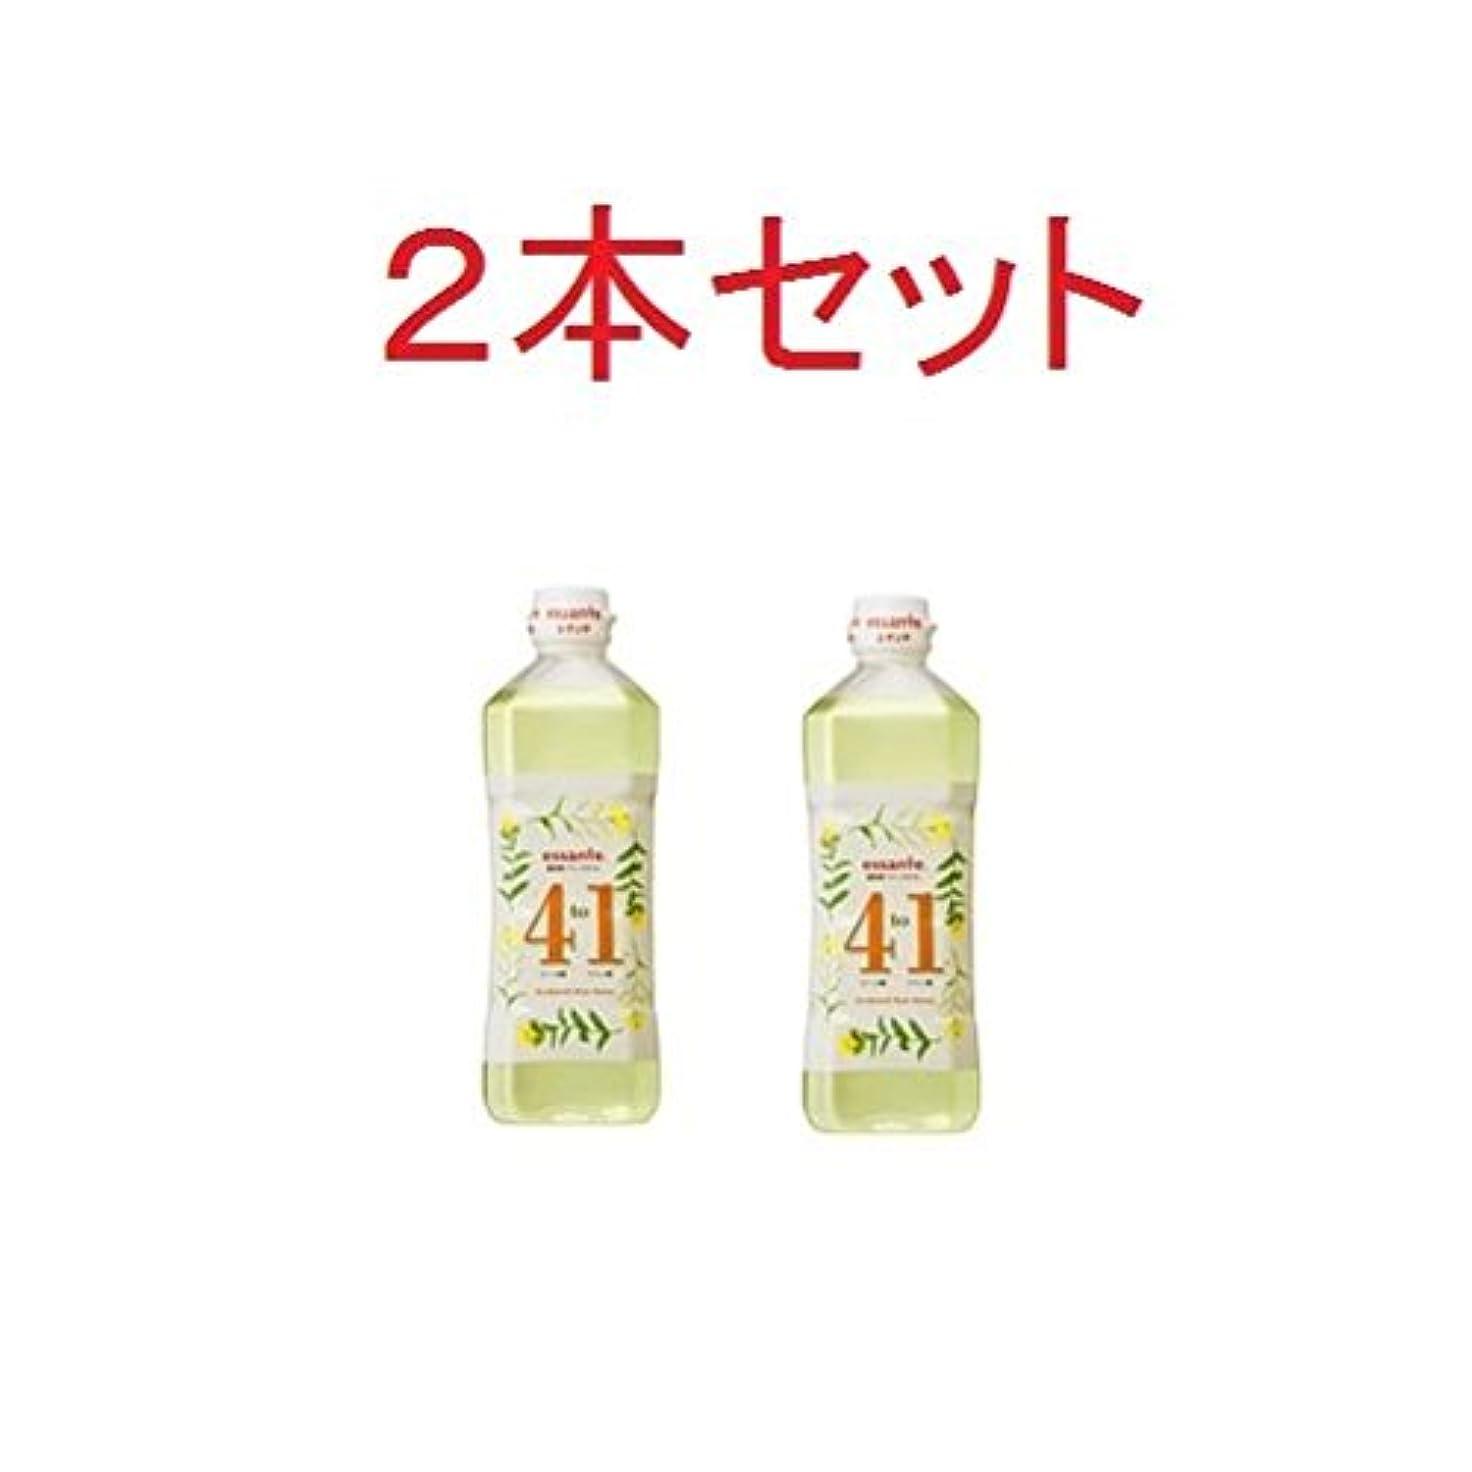 仕える対応交換可能2本セット アムウェイ エサンテ 4 to 1 脂肪酸バランスオイル